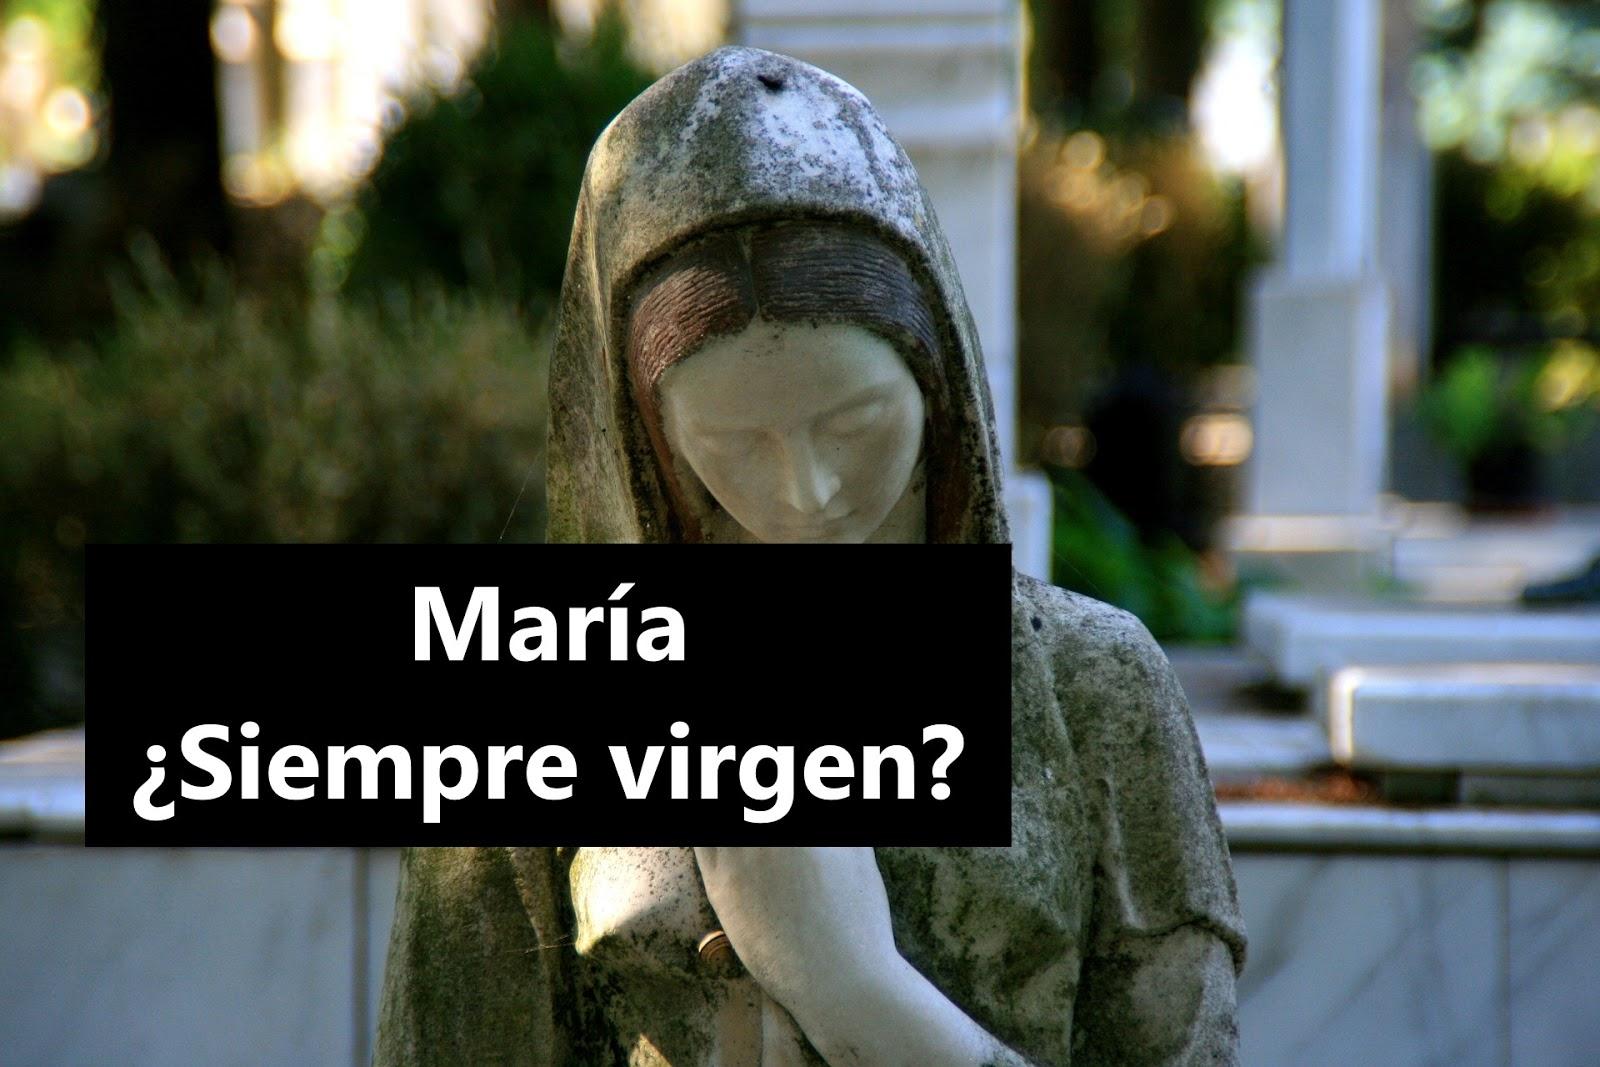 María, ¿Siempre Virgen?